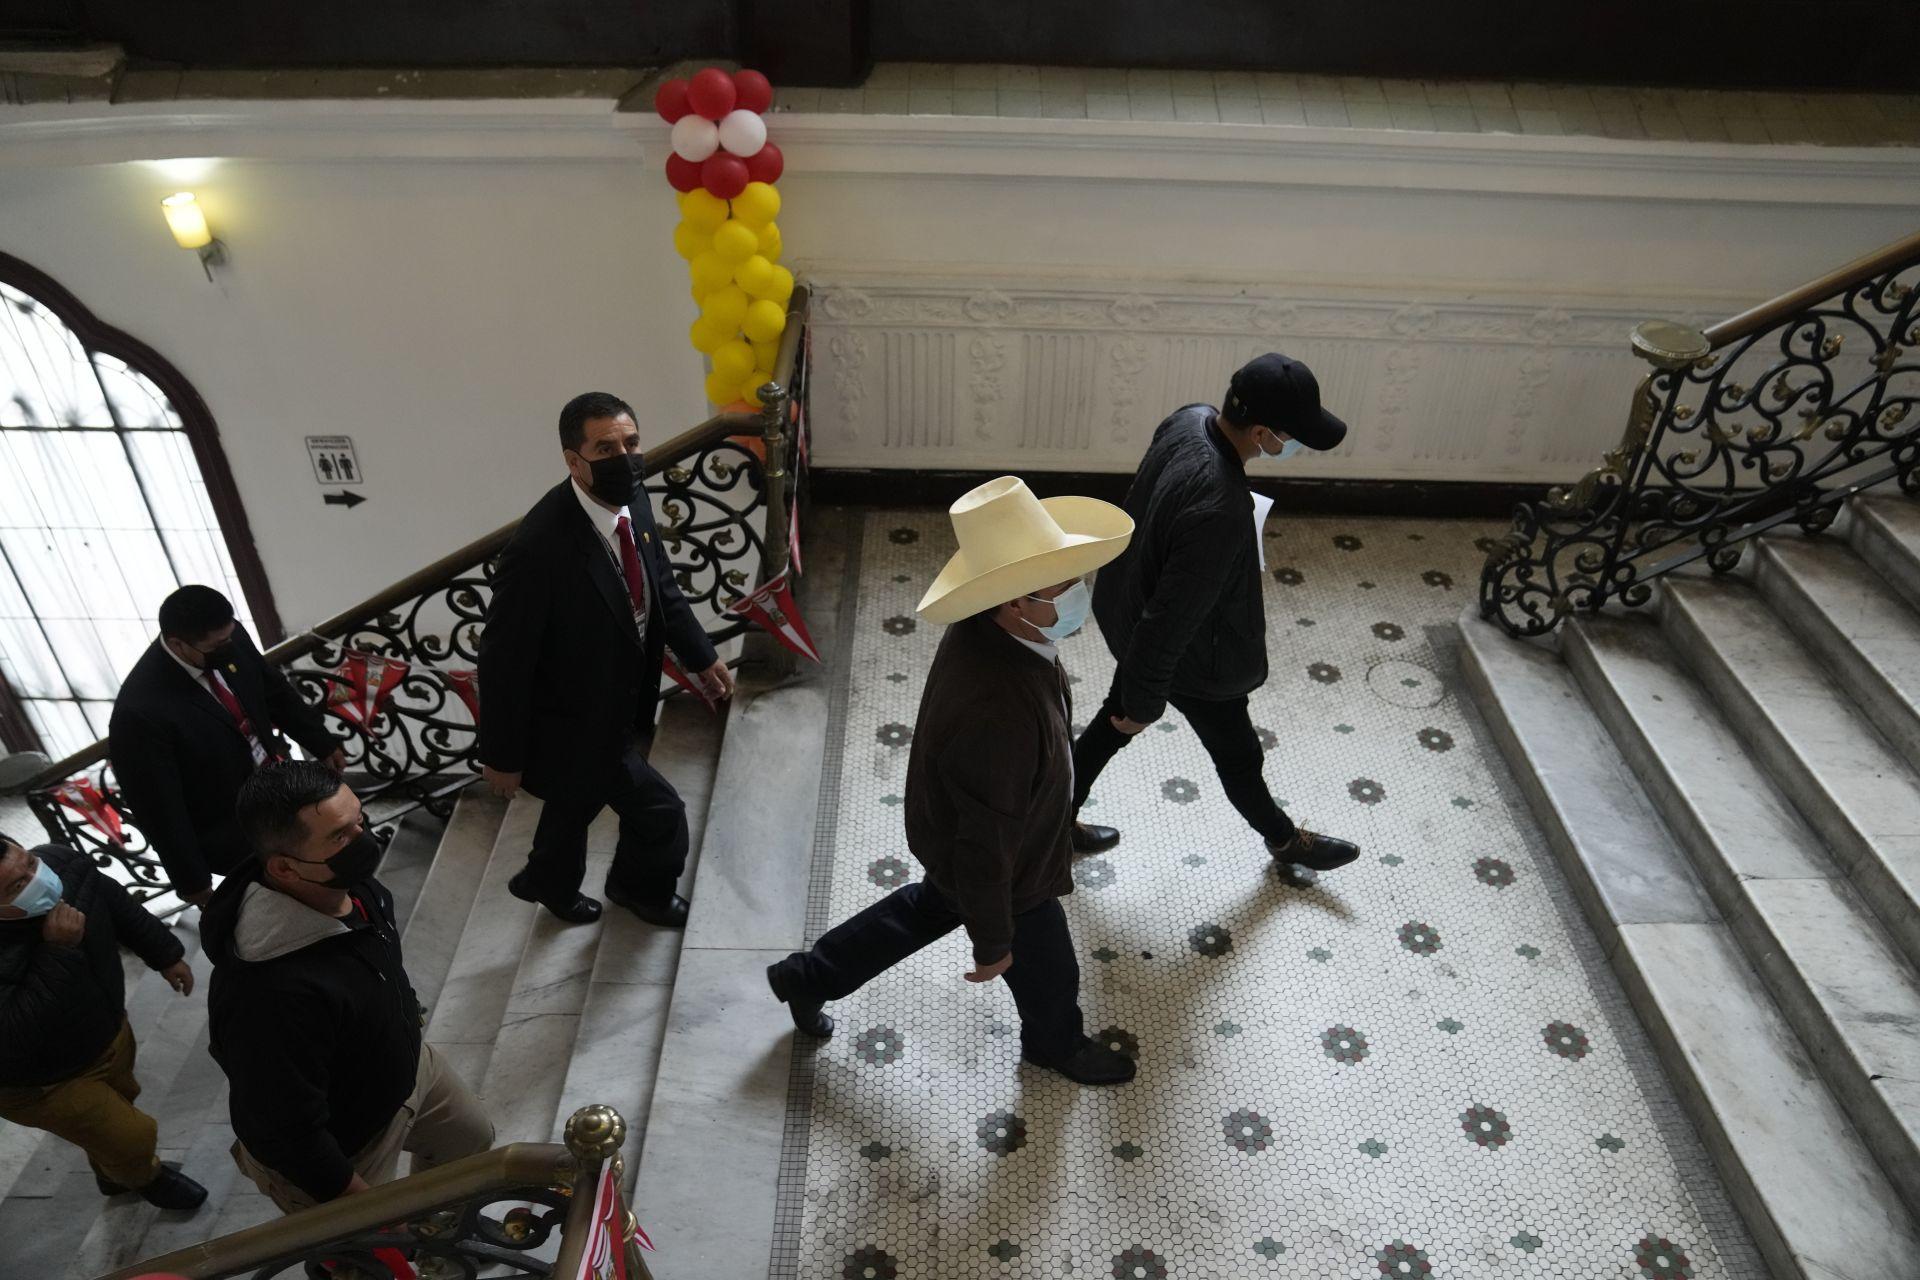 15 юни 2021 г. - С традиционна шапка на глава кандидатът за президент на Перу Педро Кастийо тръгва към залата за пресконференция. Седмица след президентските избори властите продължаваха да проверяват твърденията на Кейко Фухимори за измама в полза на Кастийо.